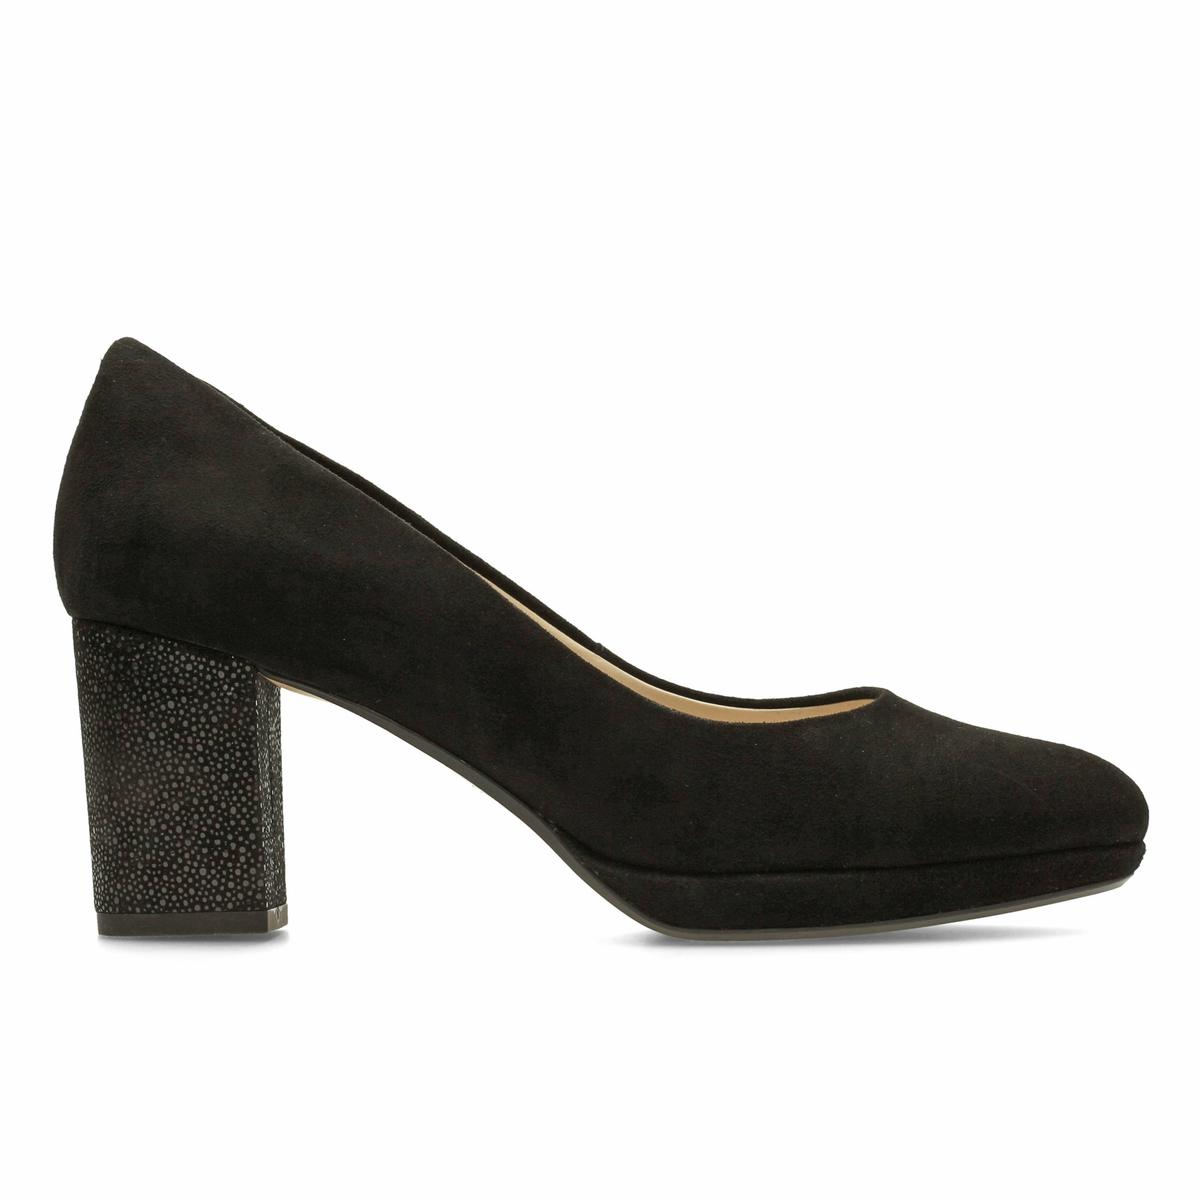 Туфли замшевые Kelda HopeВерх : замшаПодкладка : синтетика   Стелька : Кожа.   Подошва : Каучук   Высота каблука : 7 см   Форма каблука : квадратный.   Мысок : закругленный   Застежка : Без застежки<br><br>Цвет: розовый,черный<br>Размер: 40.37